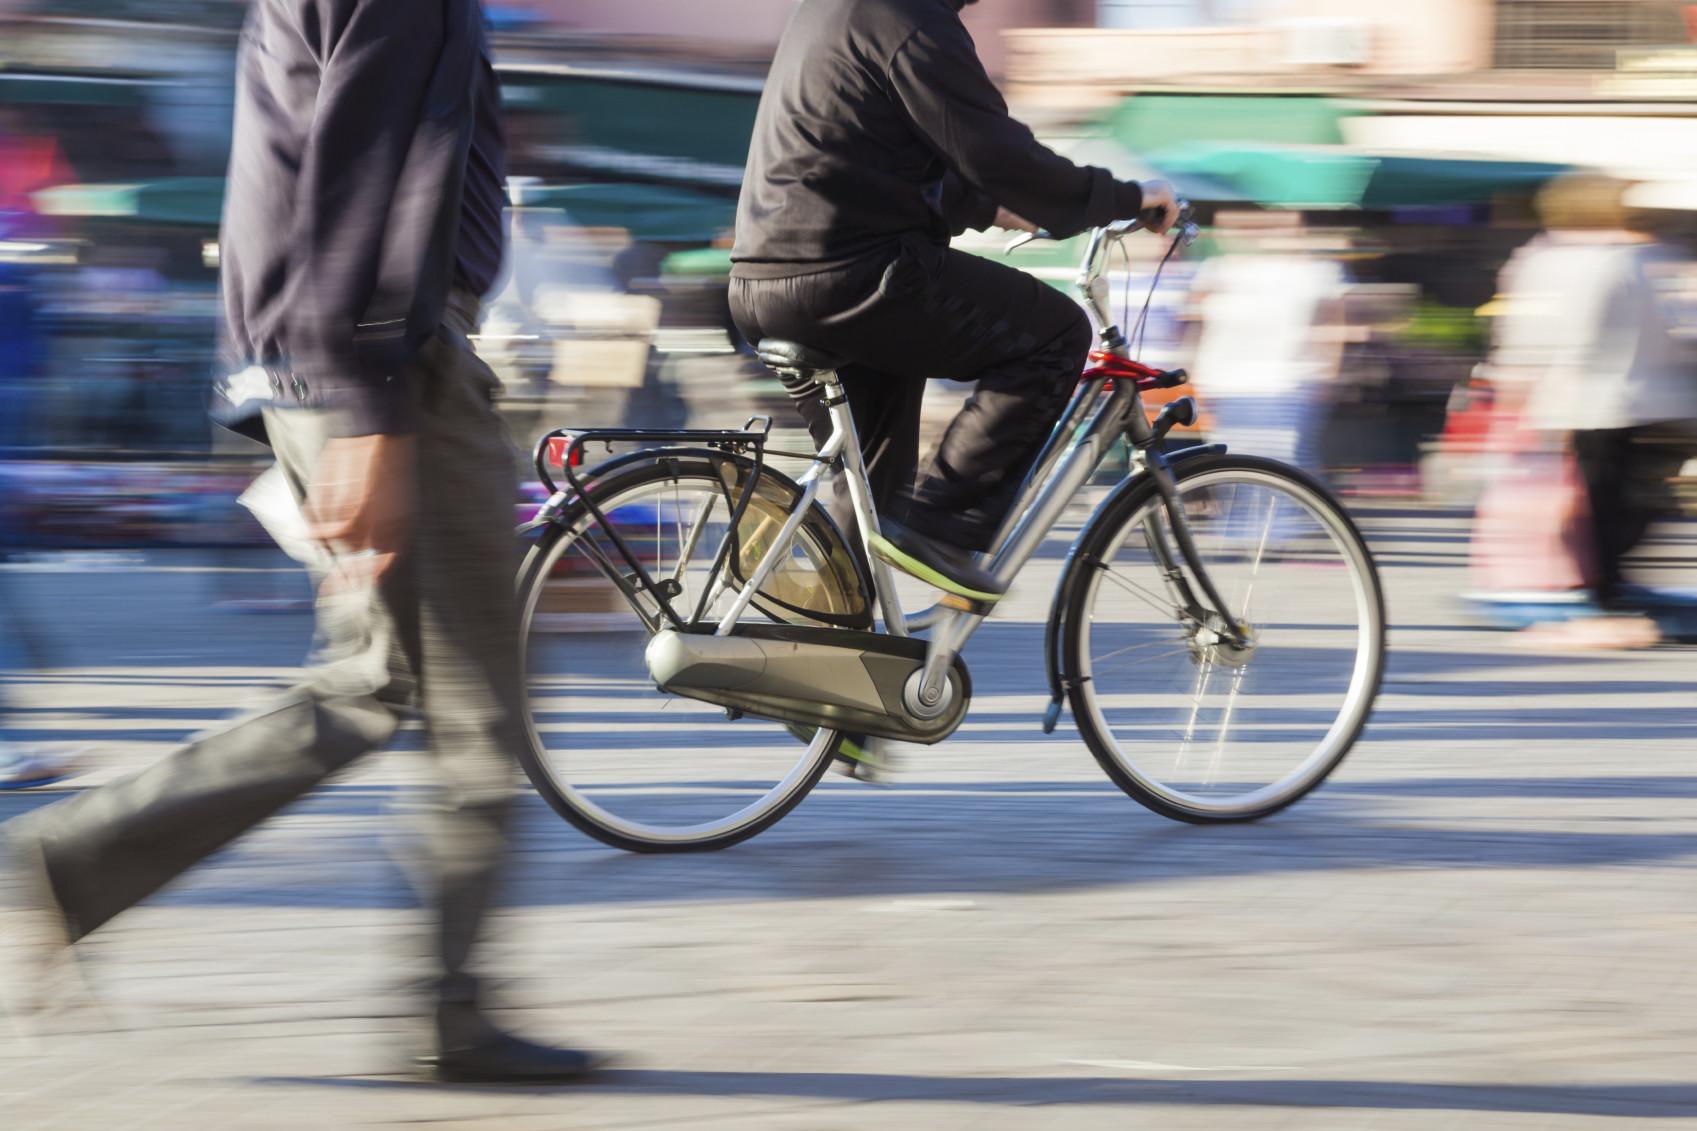 ciclista-peaton